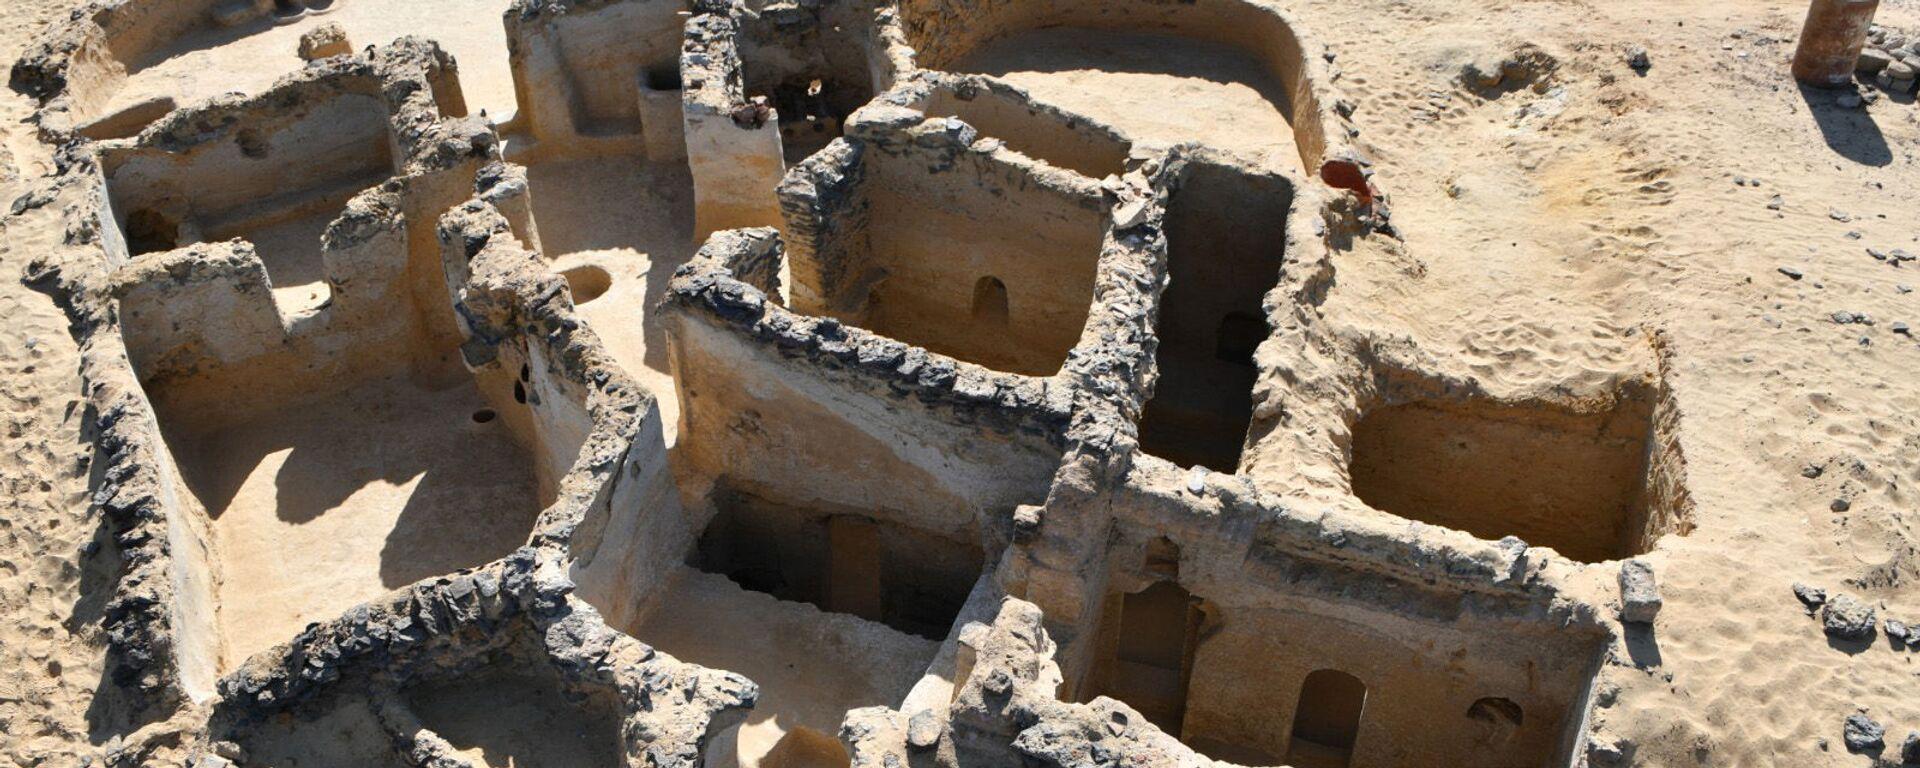 Древнее христианское сооружение, обнаруженное на стоянке Тал Гануб Каср Аль-Аджуз на западе Египта - Sputnik Армения, 1920, 18.09.2021